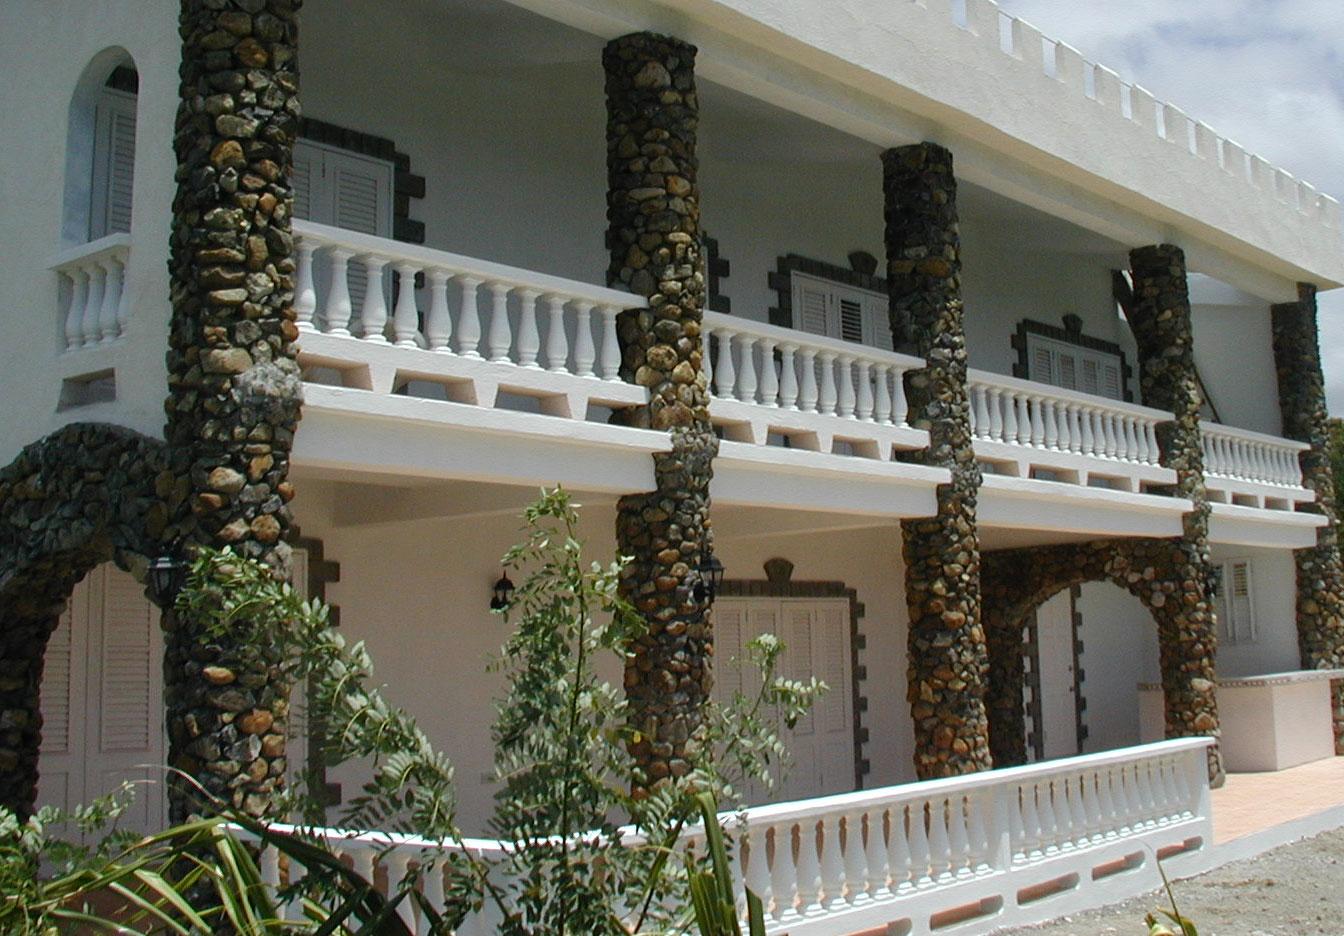 ferienhaus von privat stl3201 in st lucia caribbean 3 schlafzimmer maximal personen. Black Bedroom Furniture Sets. Home Design Ideas